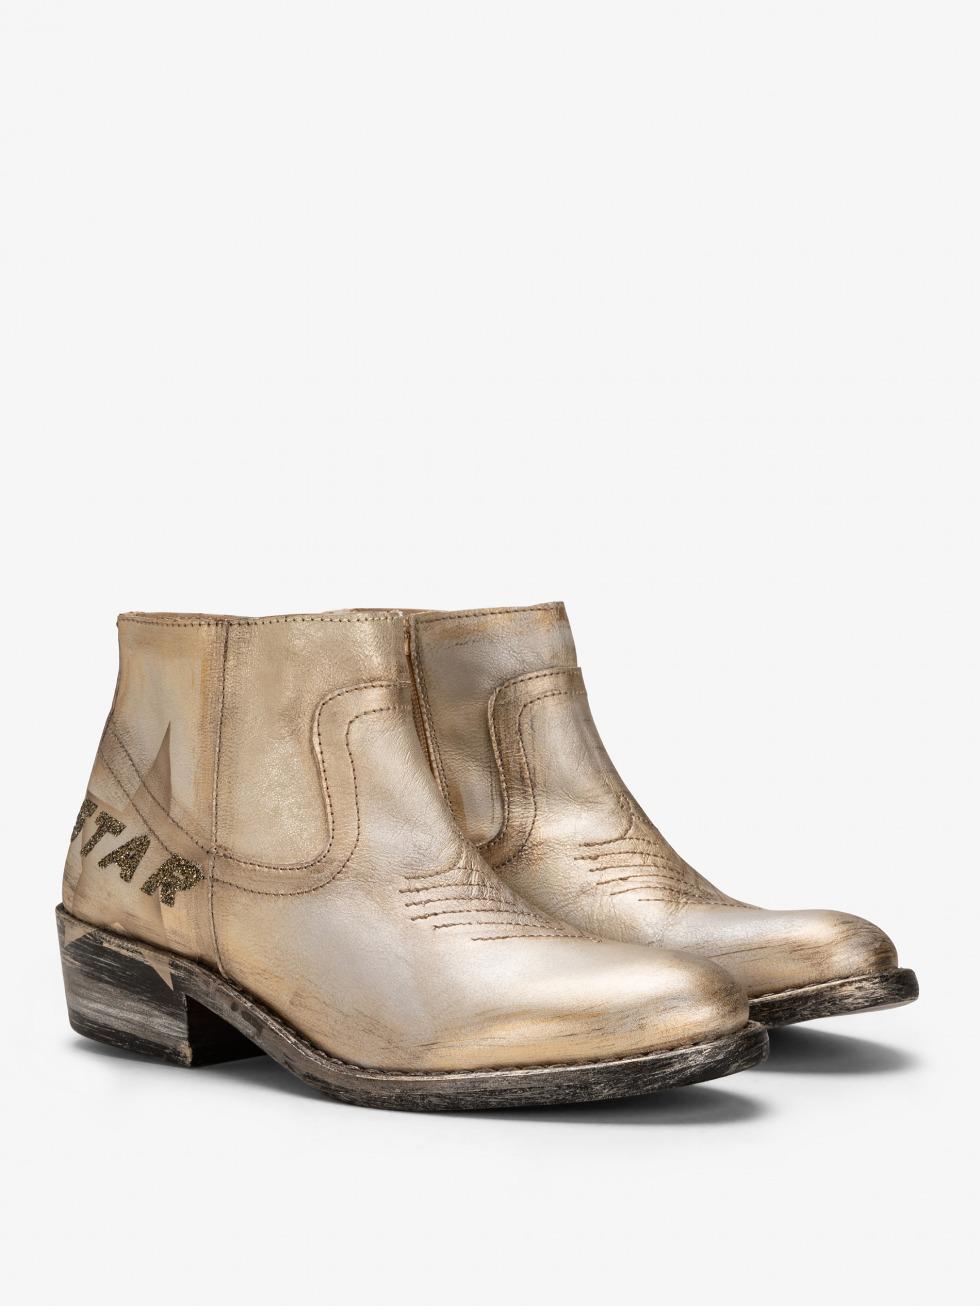 Mojito Boots - Glitter Comet Star